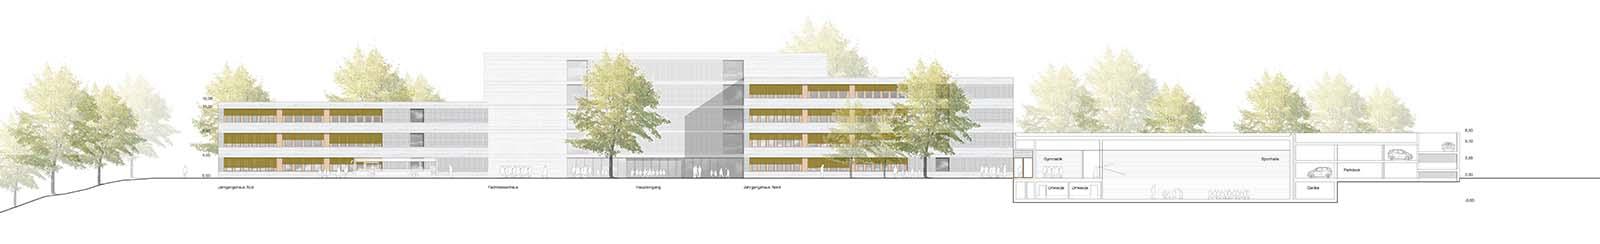 FPZ_Architekten_OPS_Freiberg2